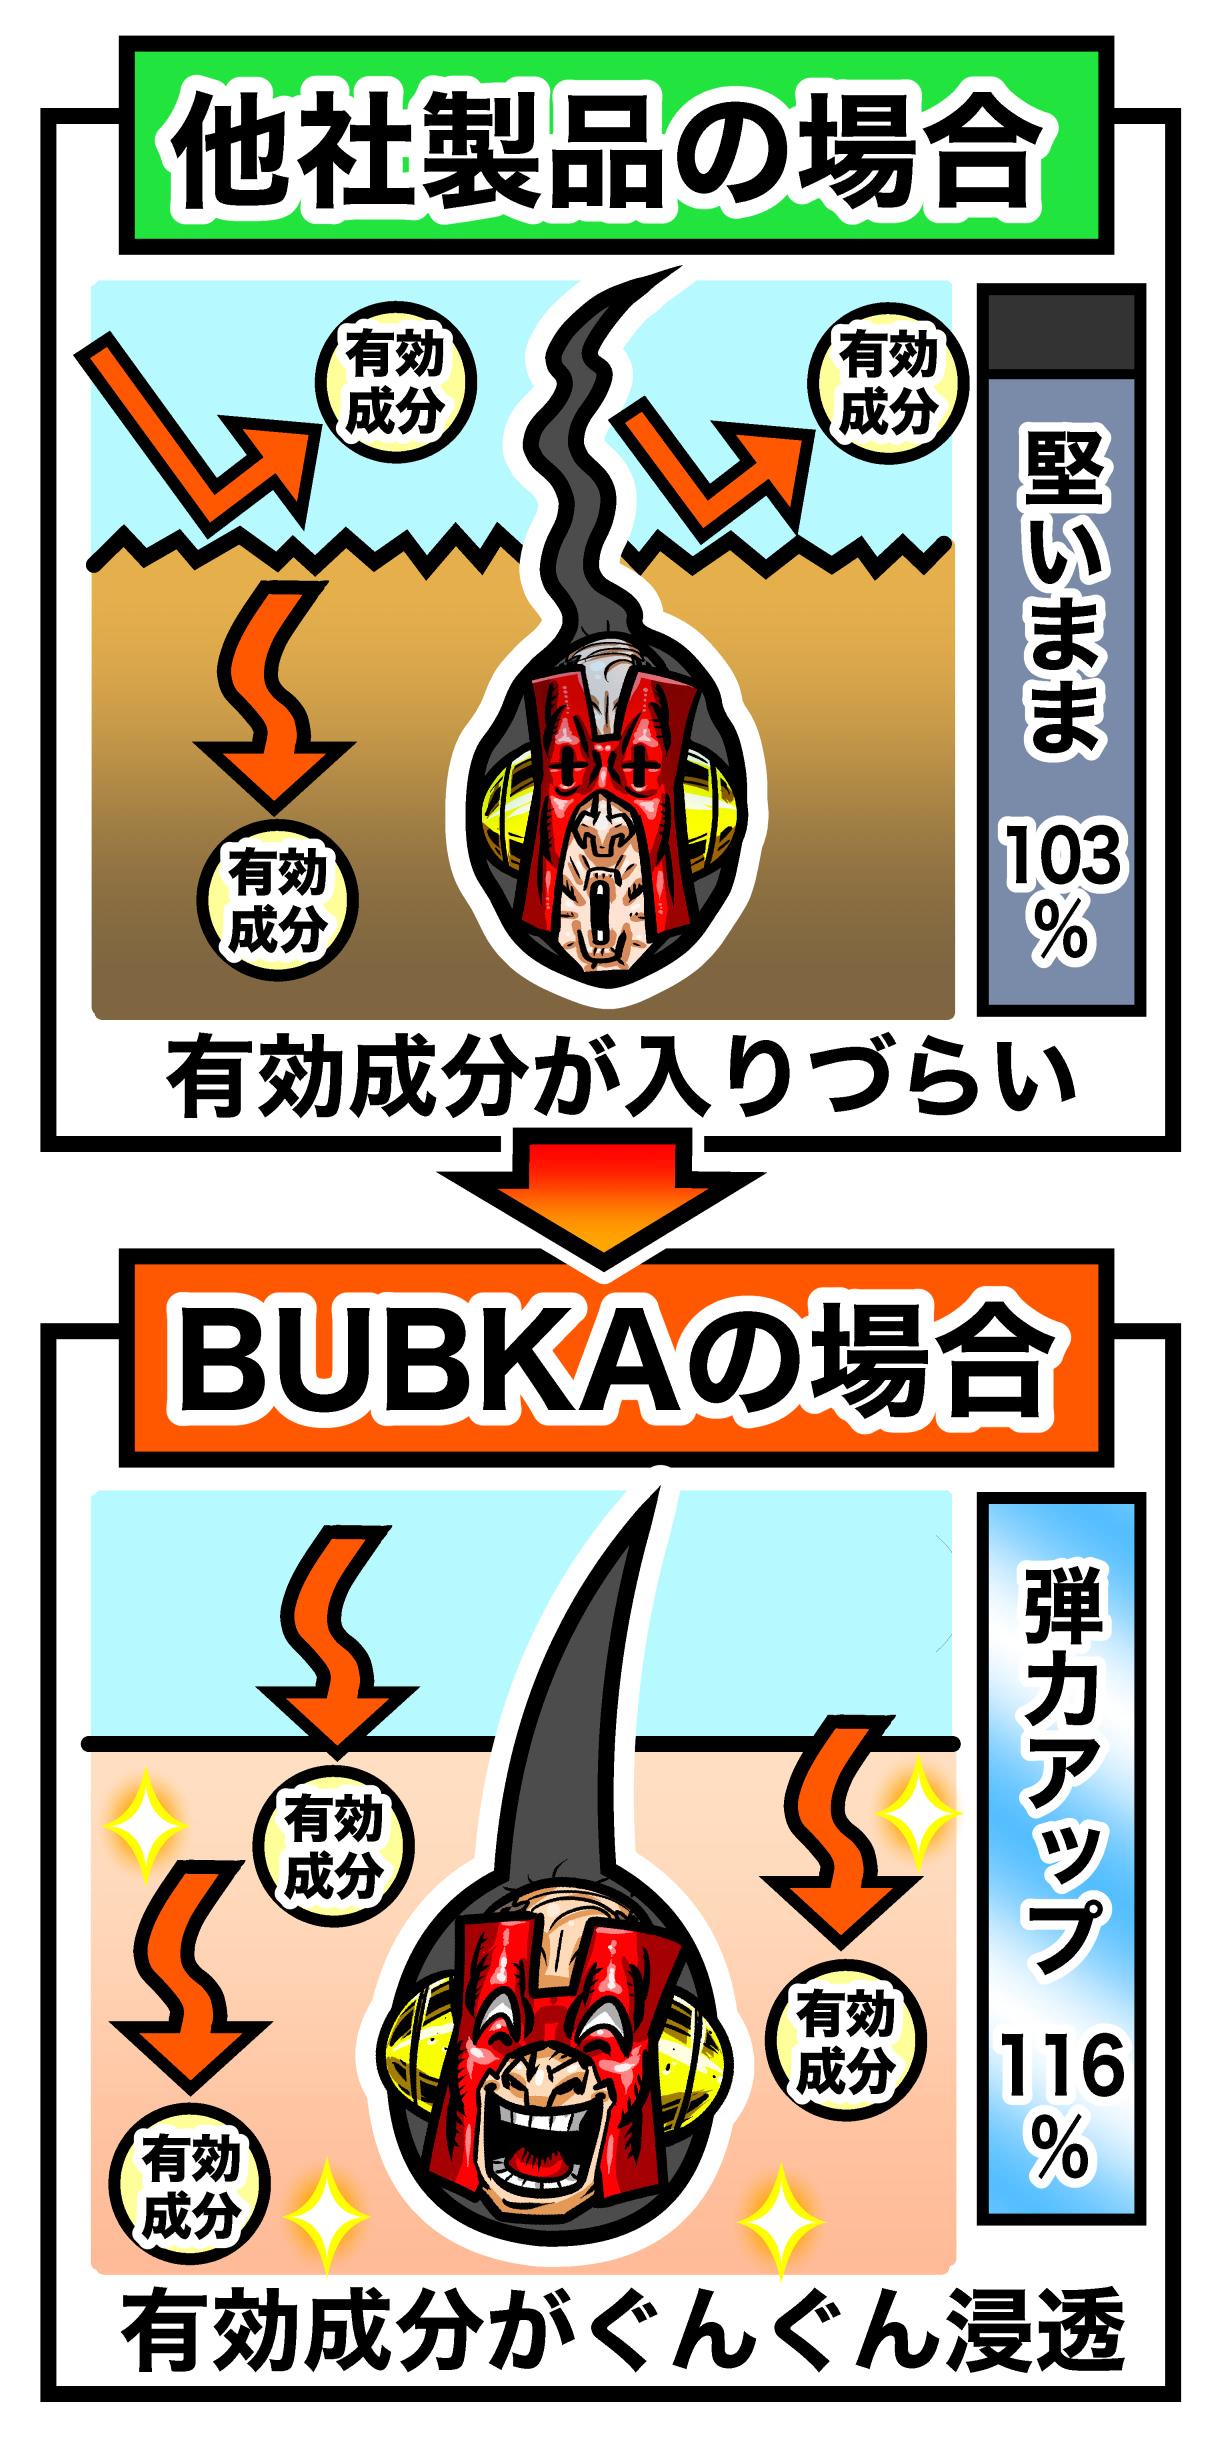 濃密育毛剤BUBKAの有効成分の浸透具合